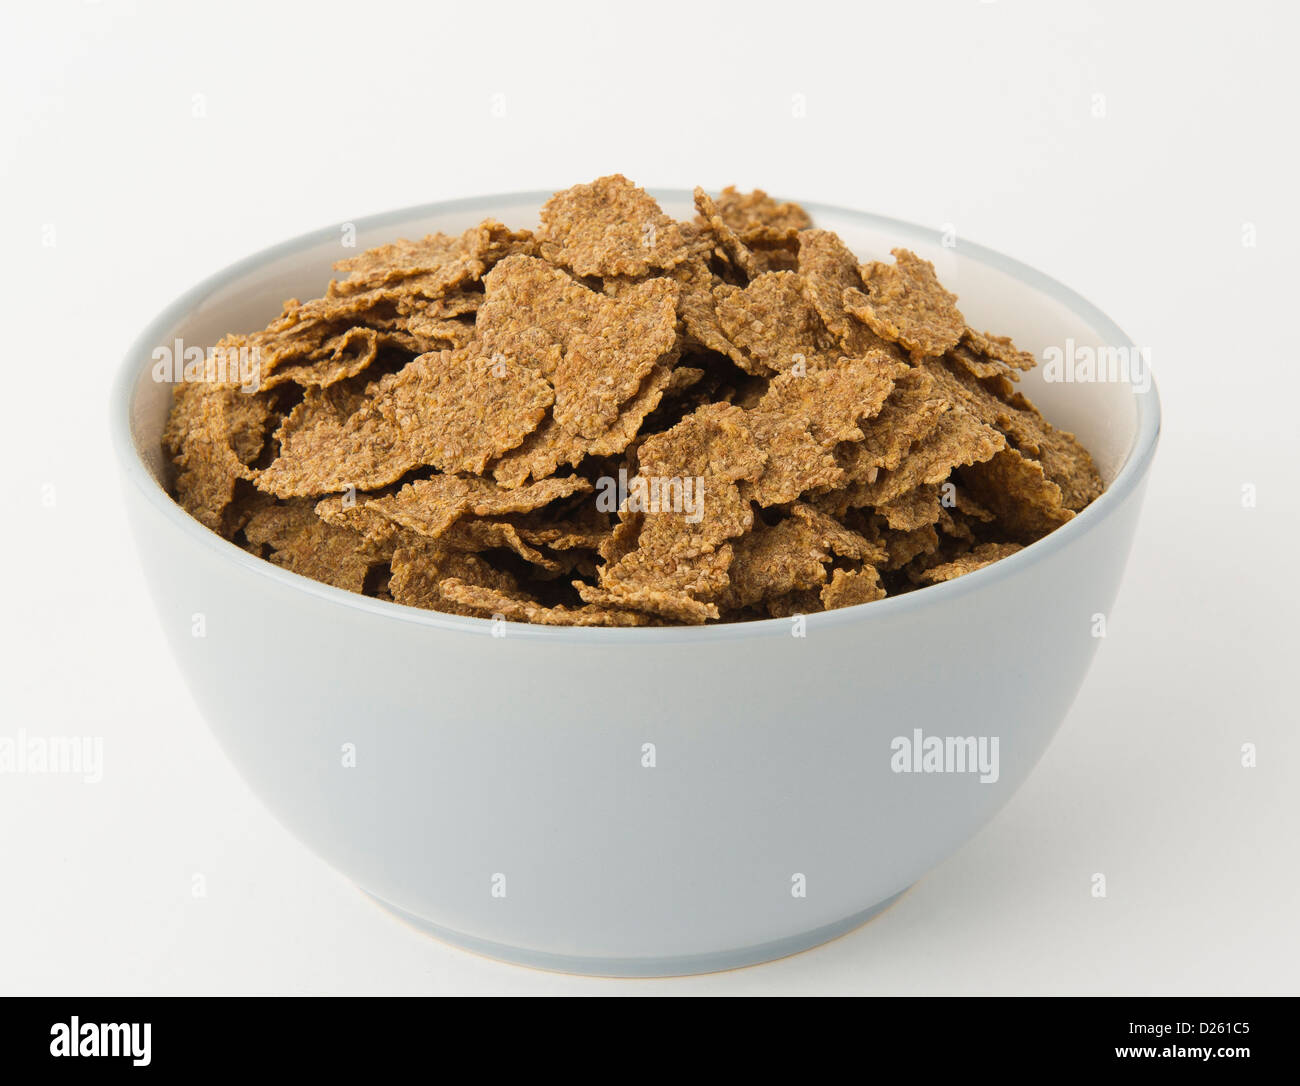 bran flakes stock photo 52993253 alamy